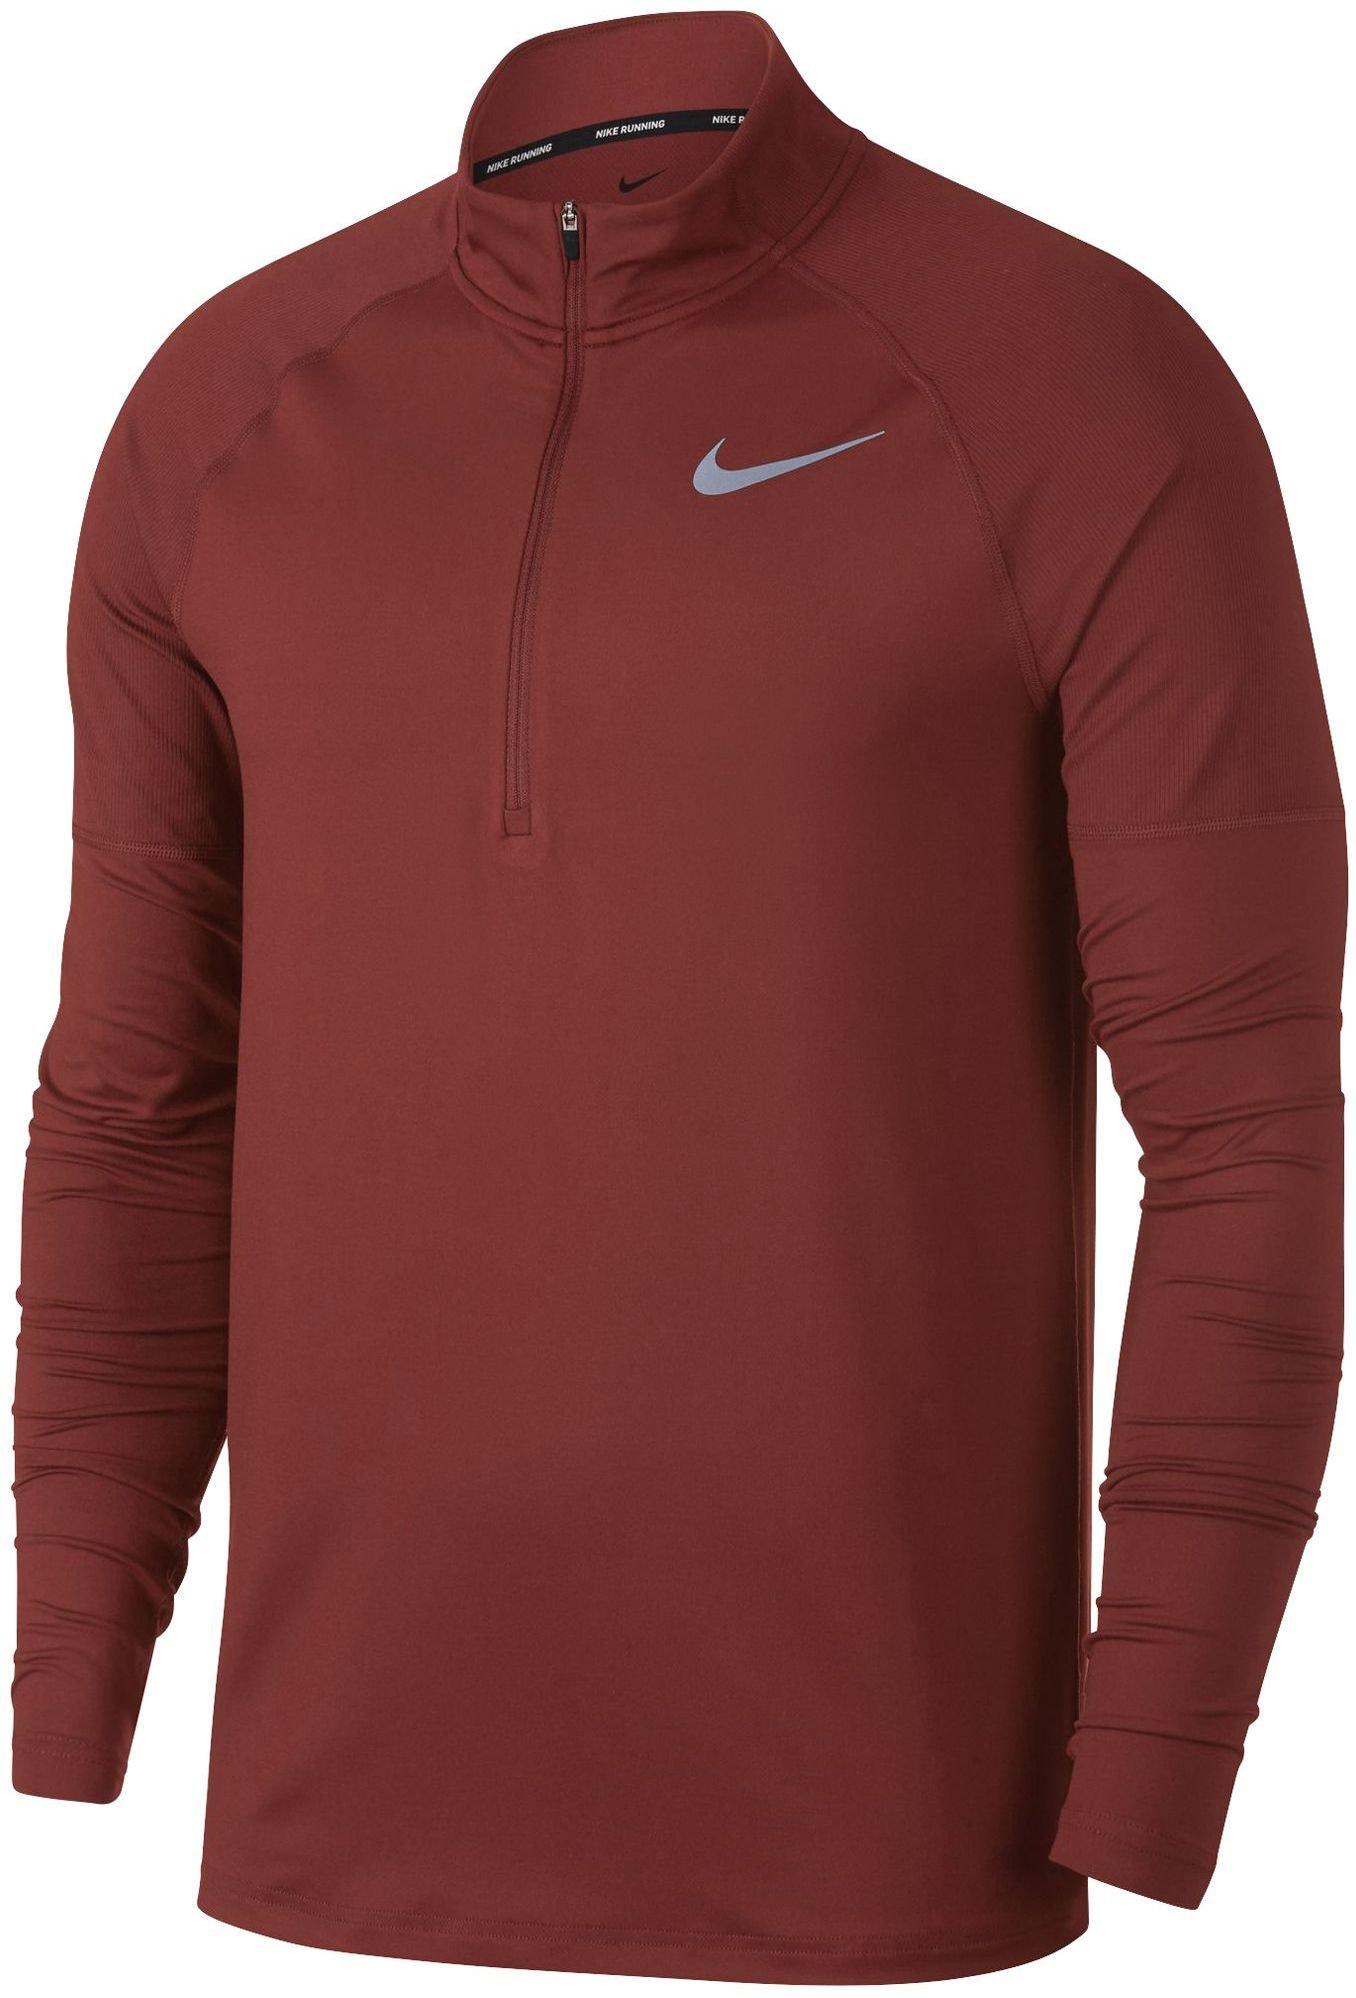 Nike med for herre gensere, sammenlign priser og kjøp på nett